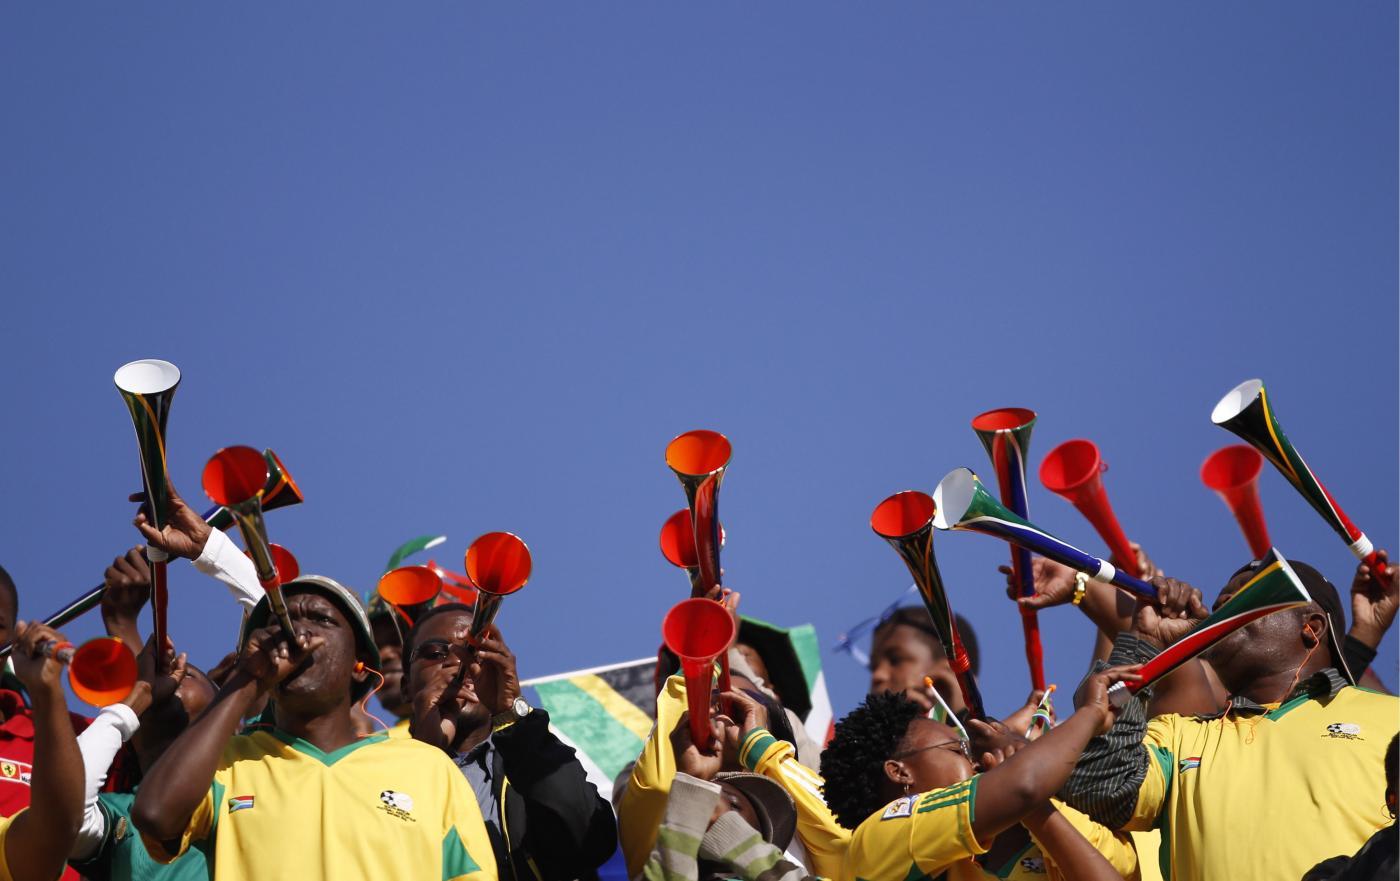 Amichevole, Sudafrica-Angola: come finirà?